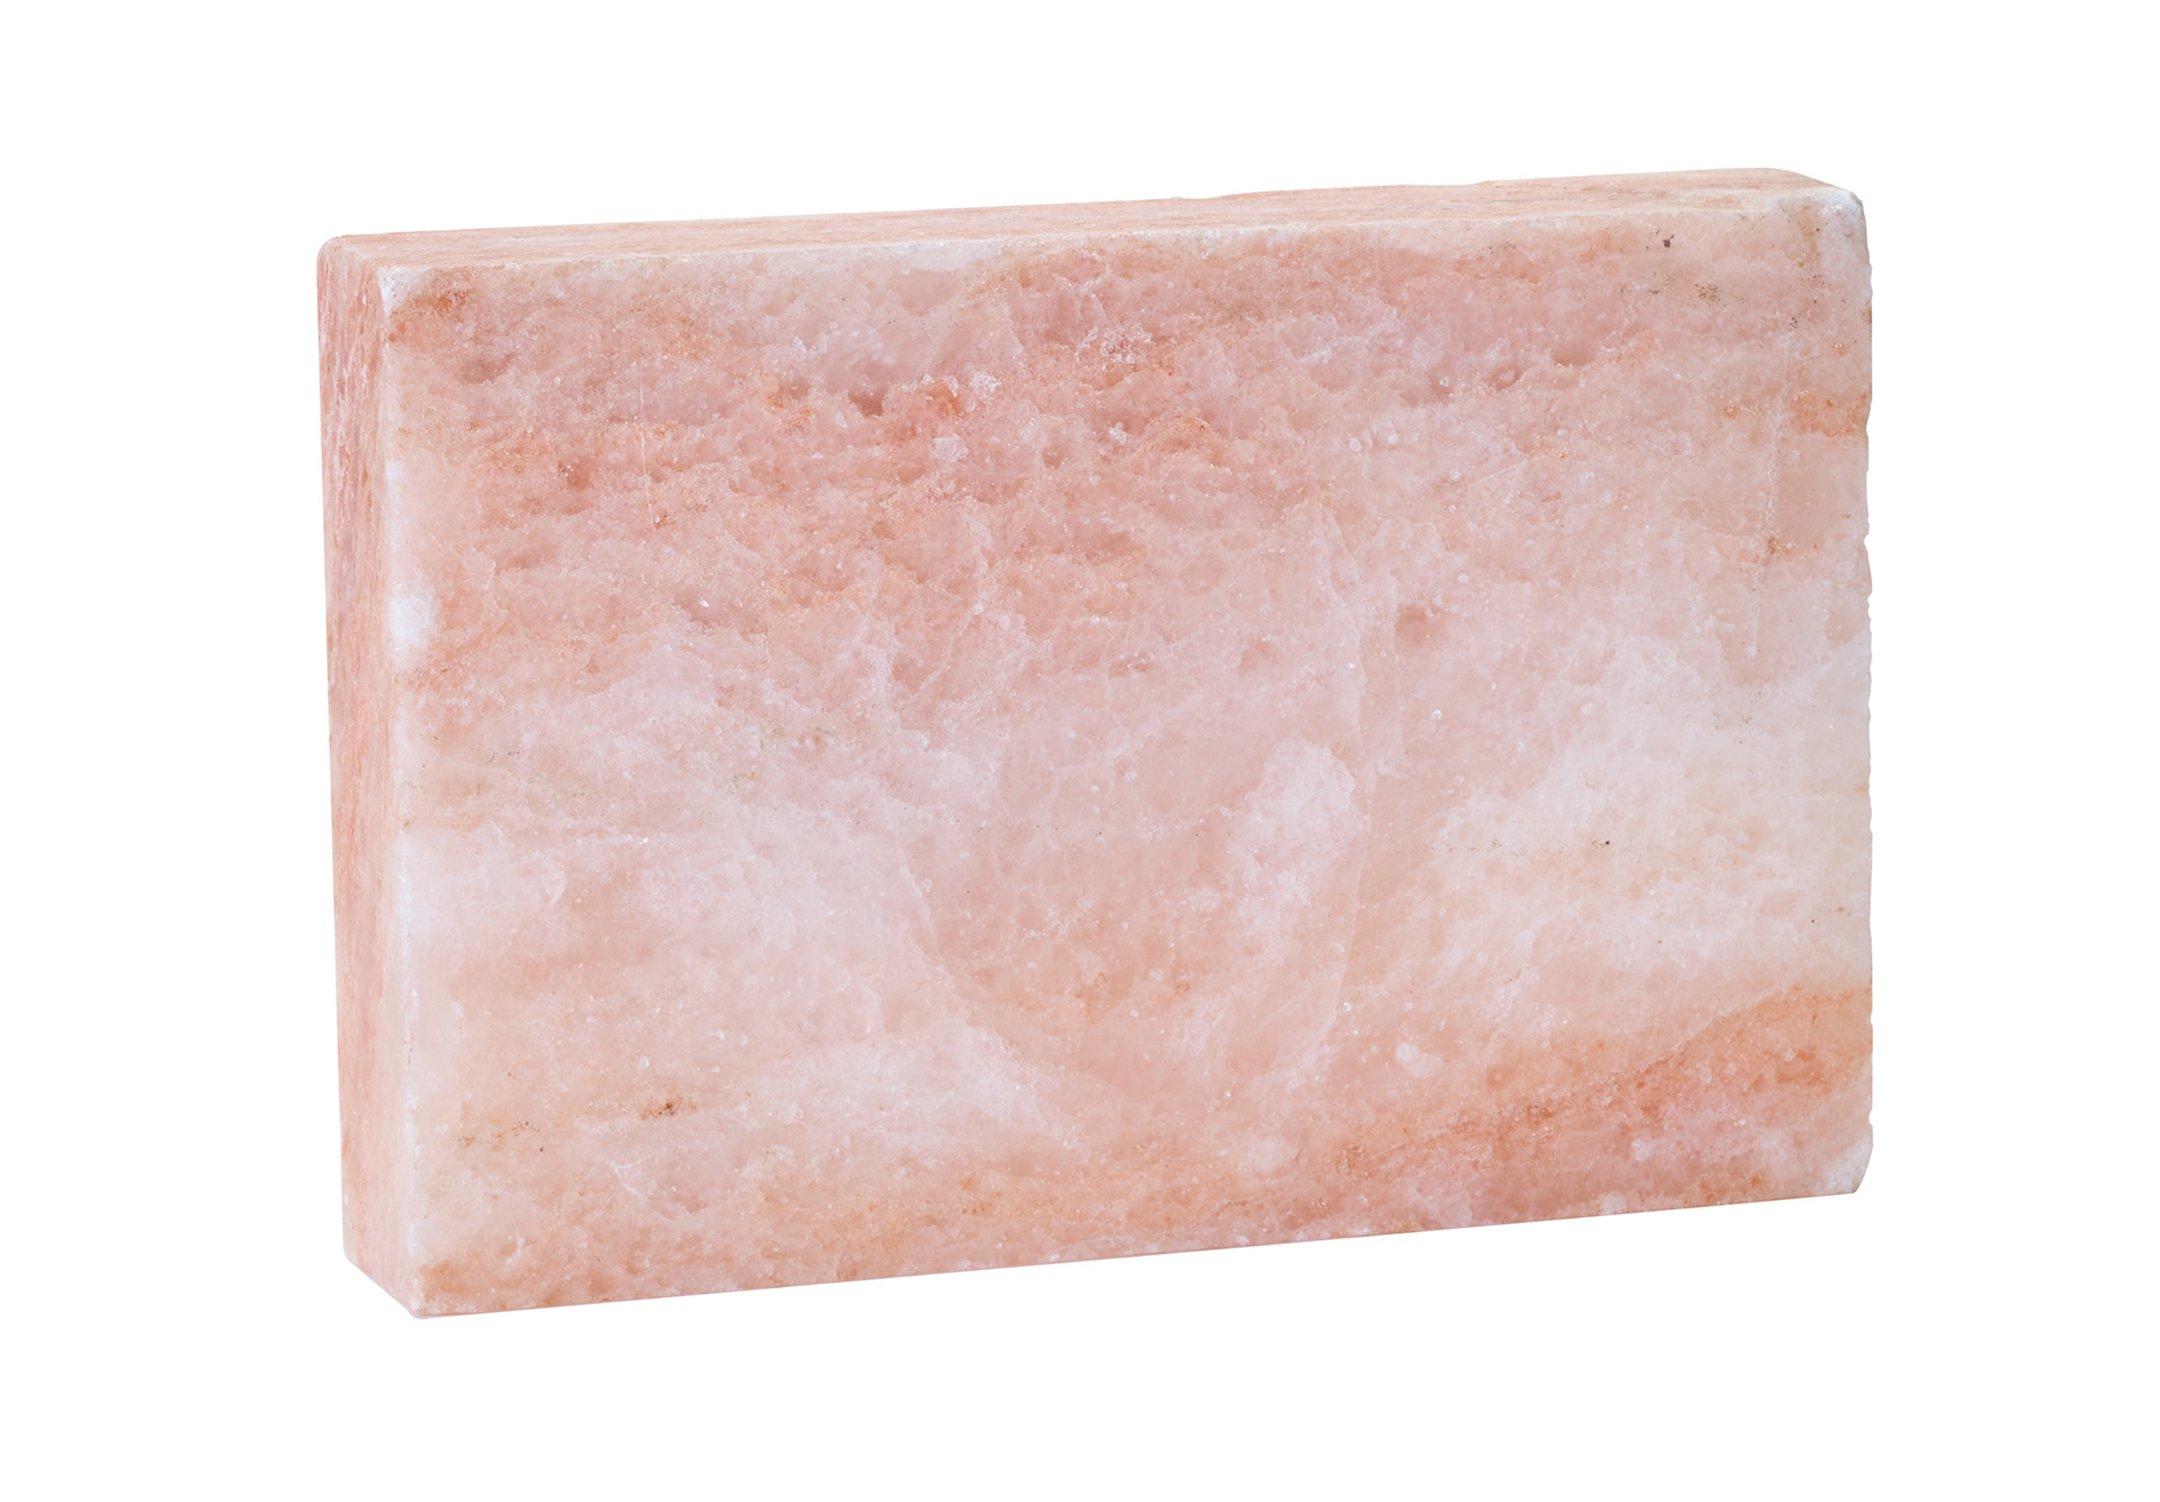 Bull Outdoor Products 24300 Gourmet Himalayan Salt Block